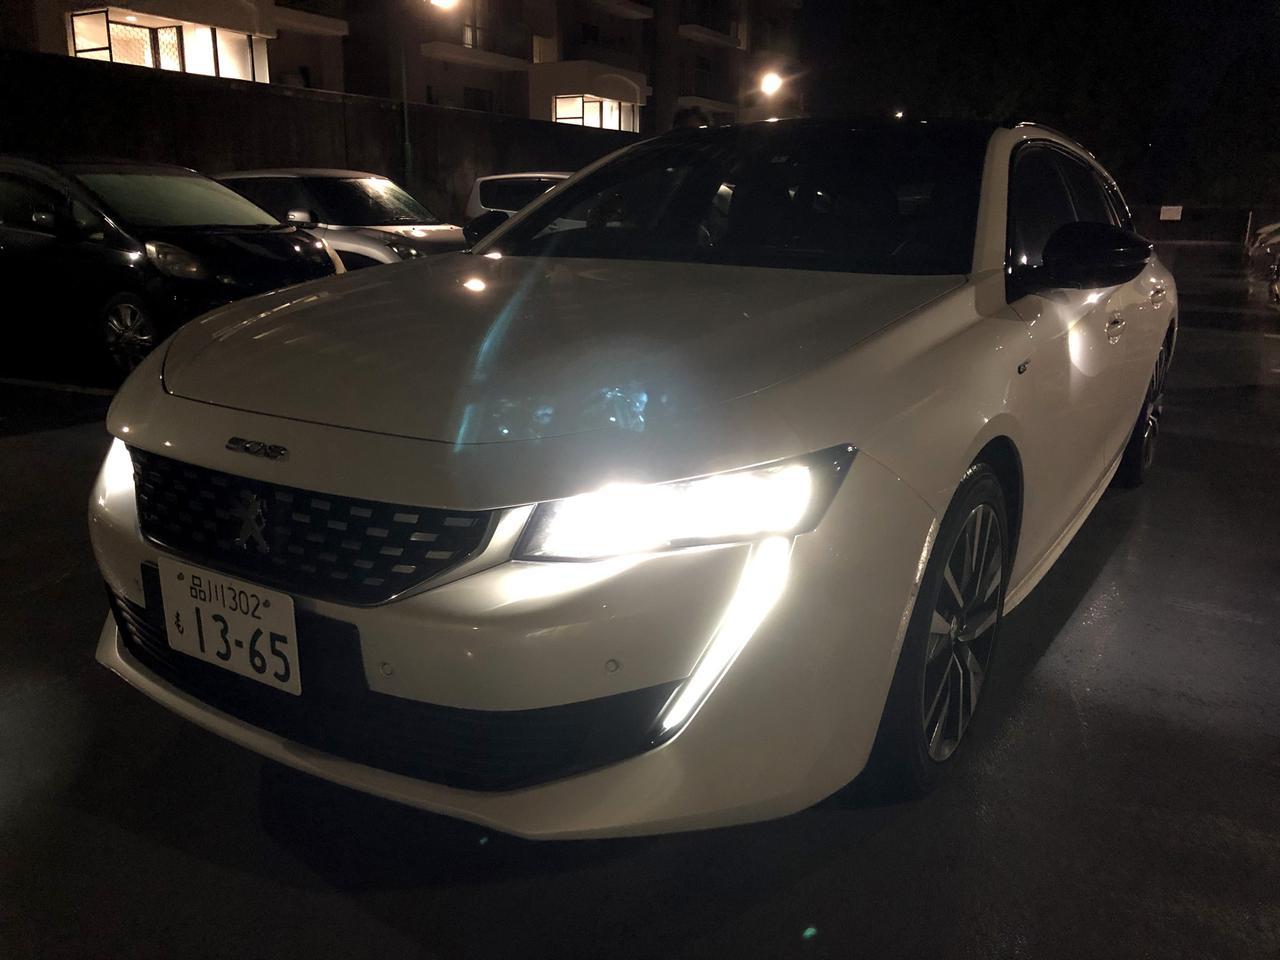 【長期レポート】プジョー508SW GTは人を認識し、夜の安全運転を支援するナイトビジョンを搭載【第9回】